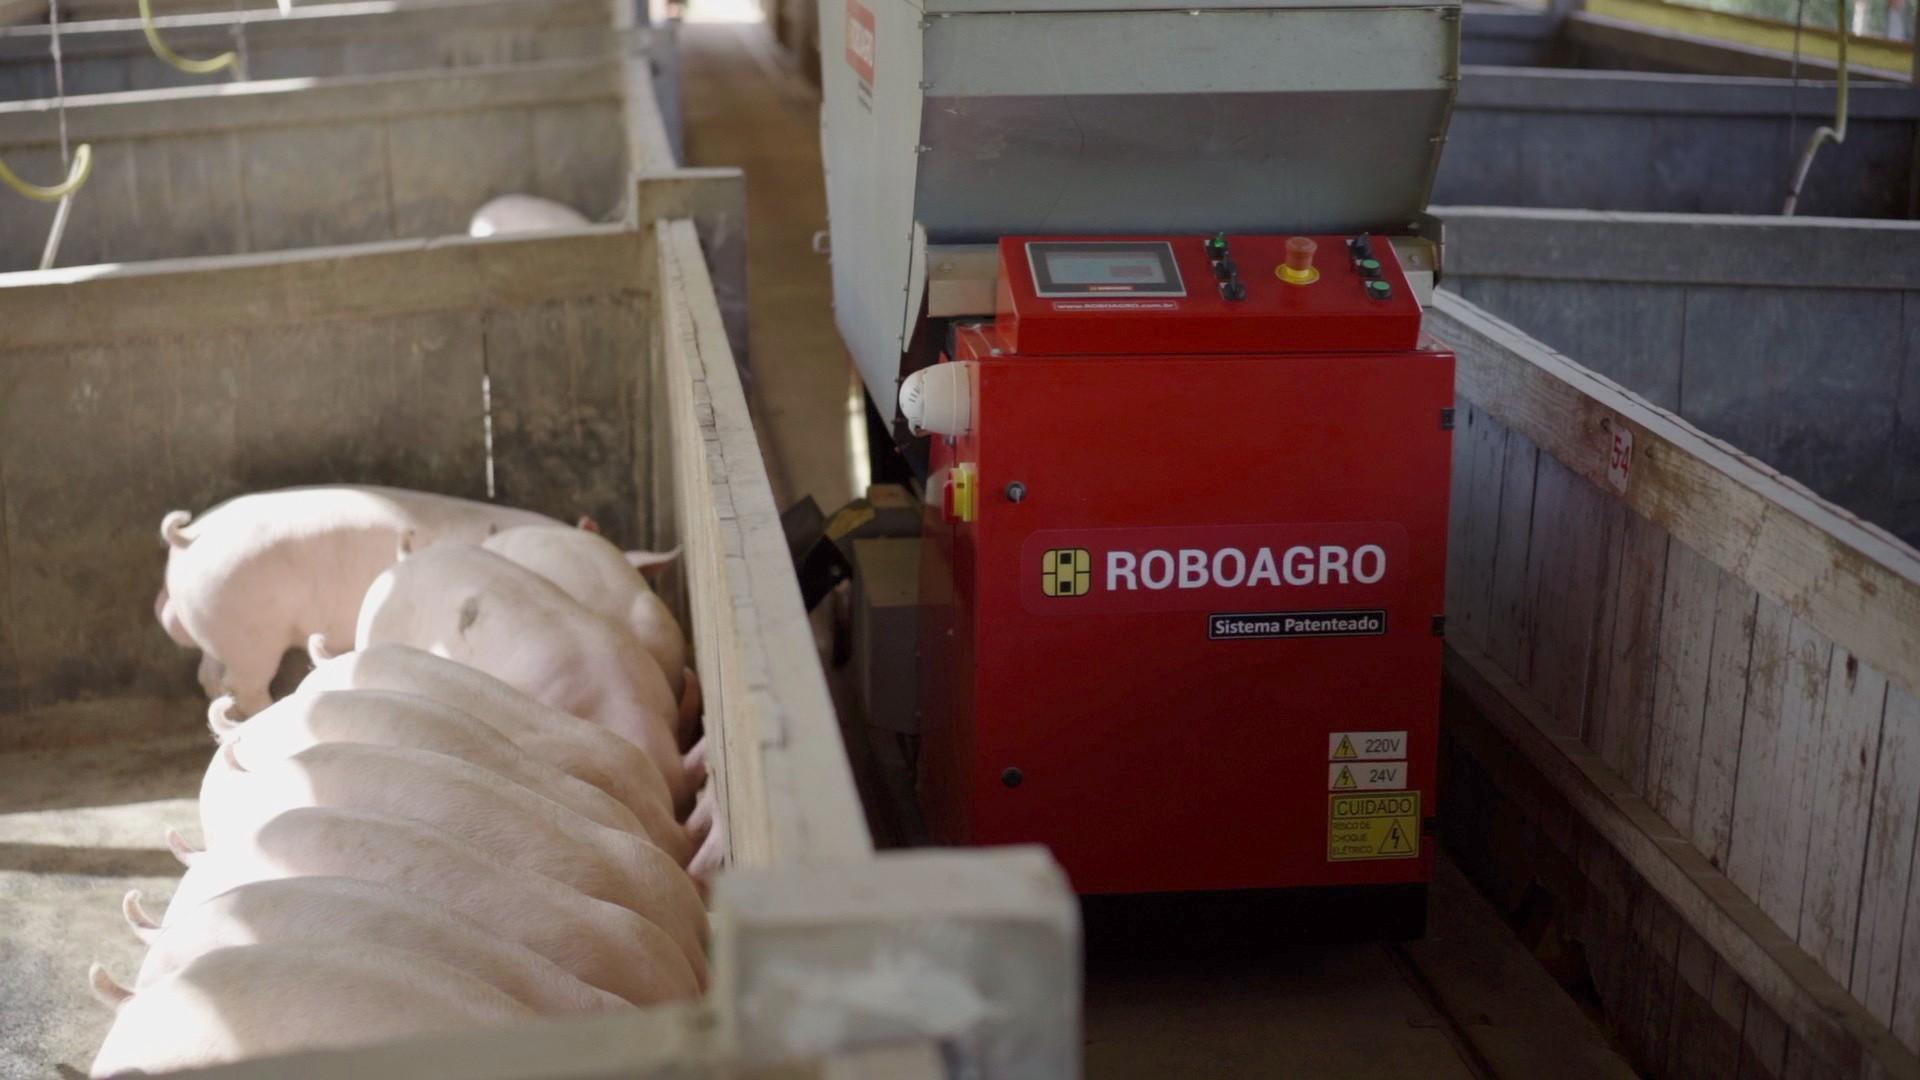 Robô da Roboagro alimenta porcos enquanto toca música clássica (Foto: Roboagro/Divulgação)